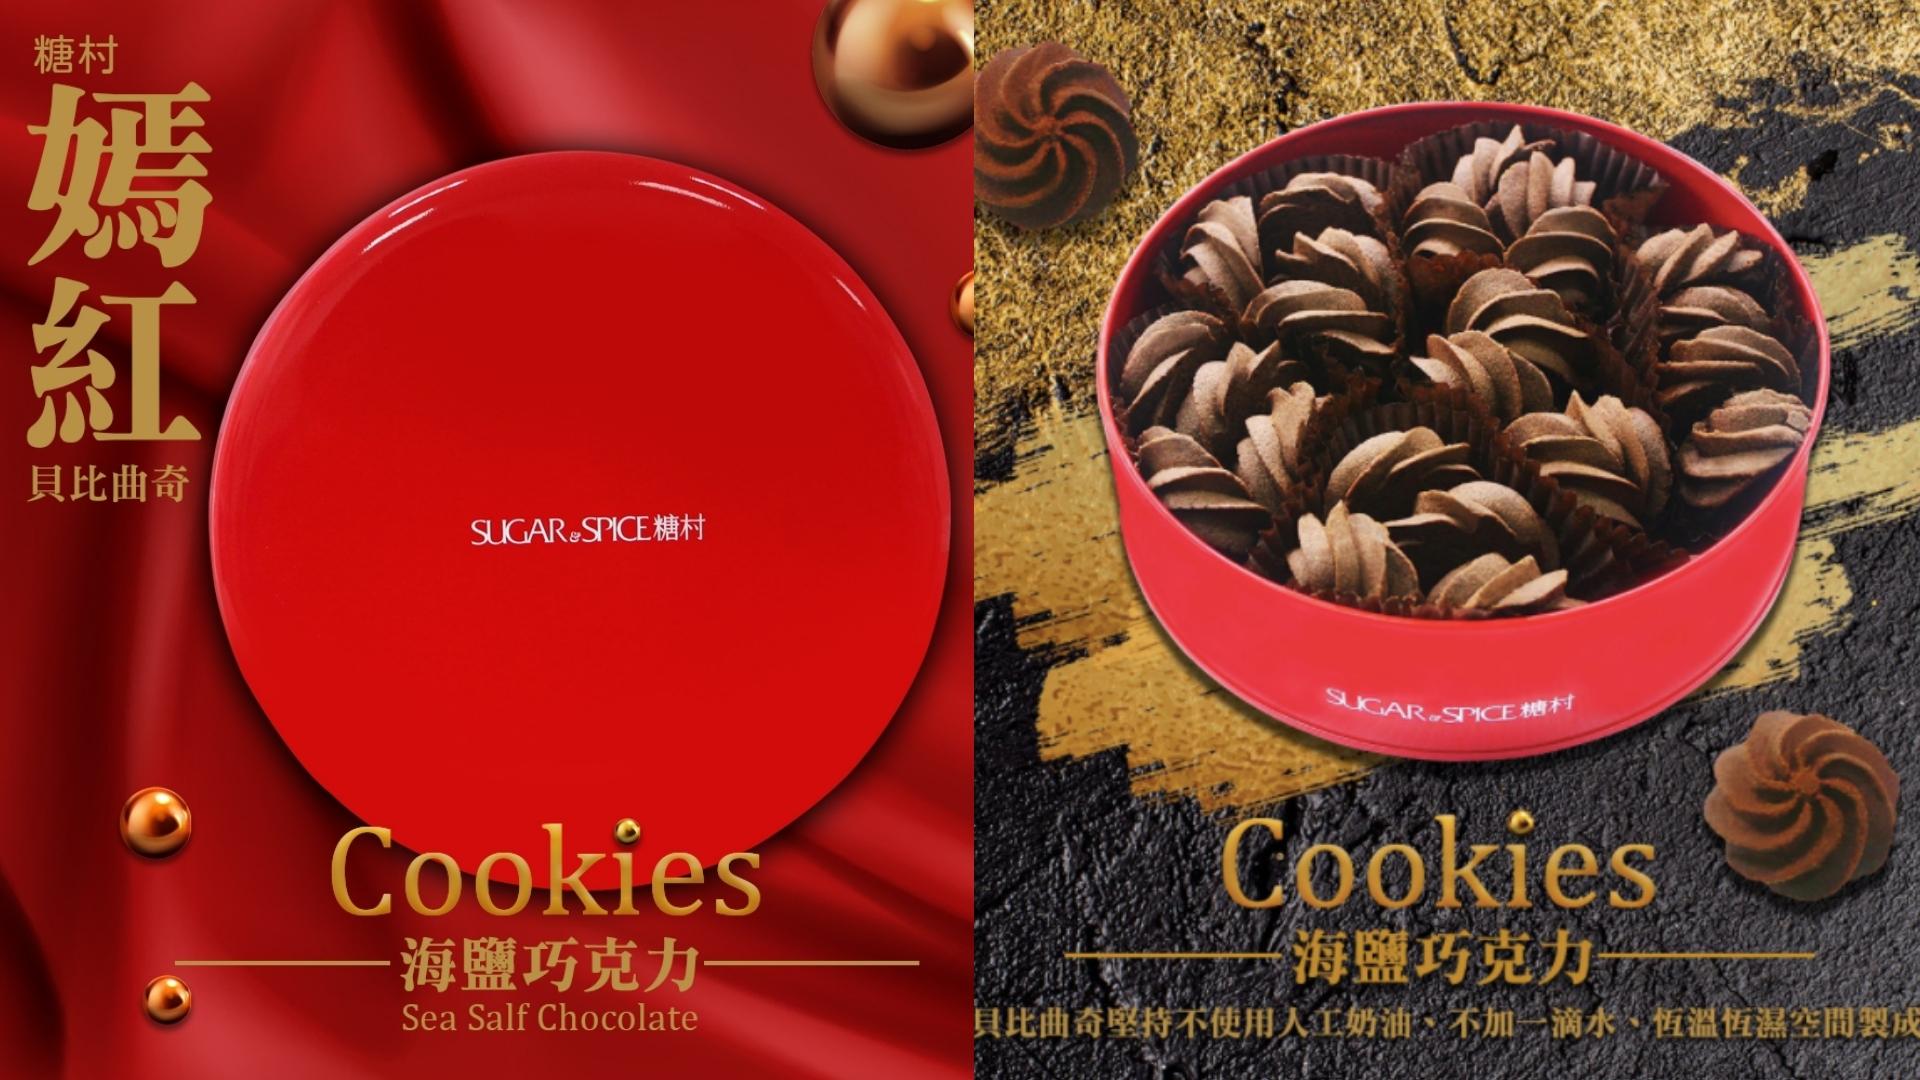 曲奇餅乾則是海鹽巧克力口味,不用人工奶油、不加一滴水,採用法國 58%苦甜巧克力,製作出酥鬆又香濃的口感。